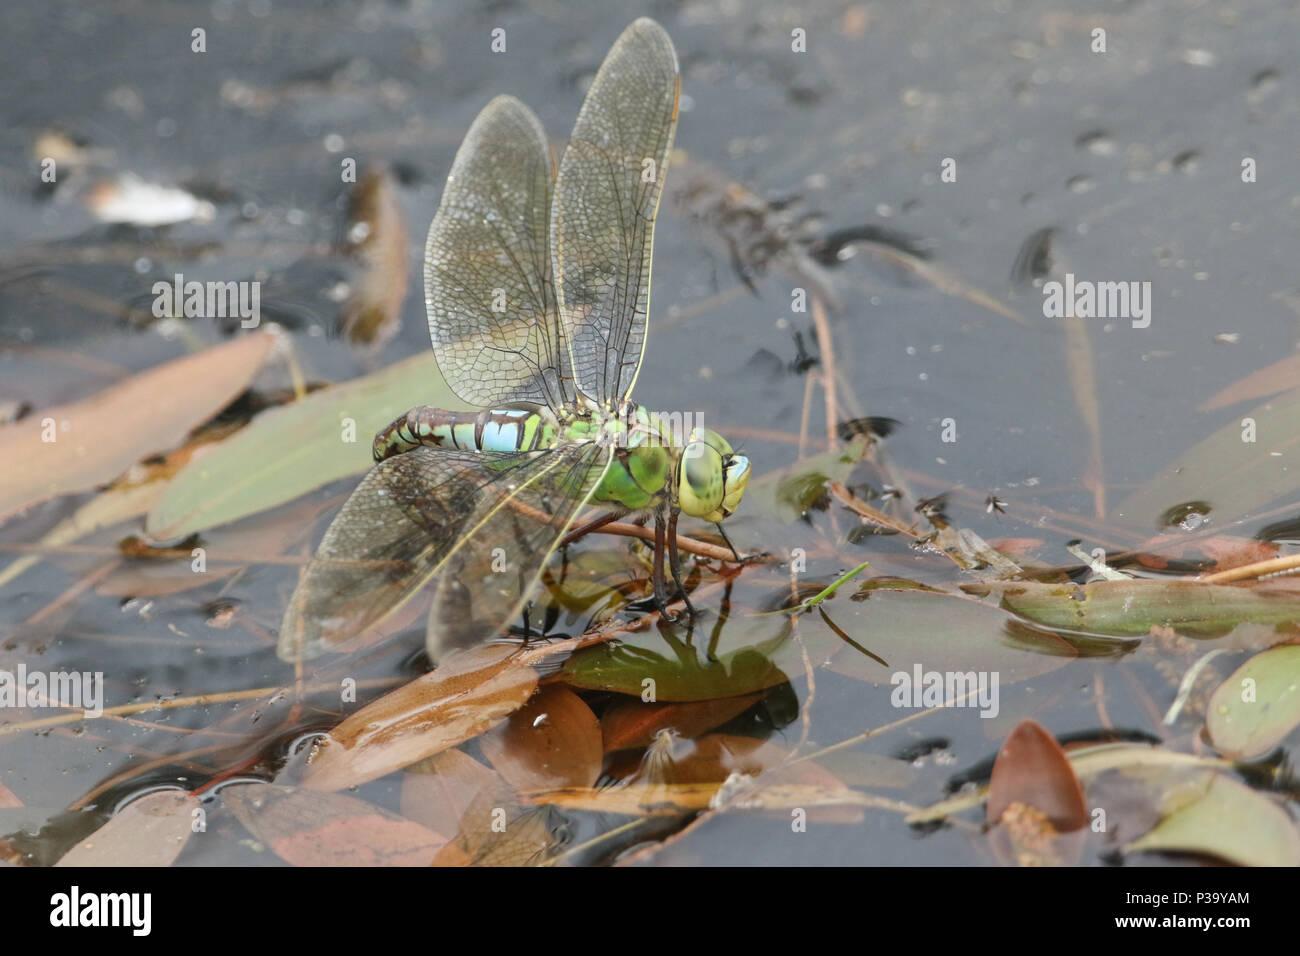 Eine atemberaubende Emperor Dragonfly (Anax imperator) ihre Eier in einen Teich. Stockbild